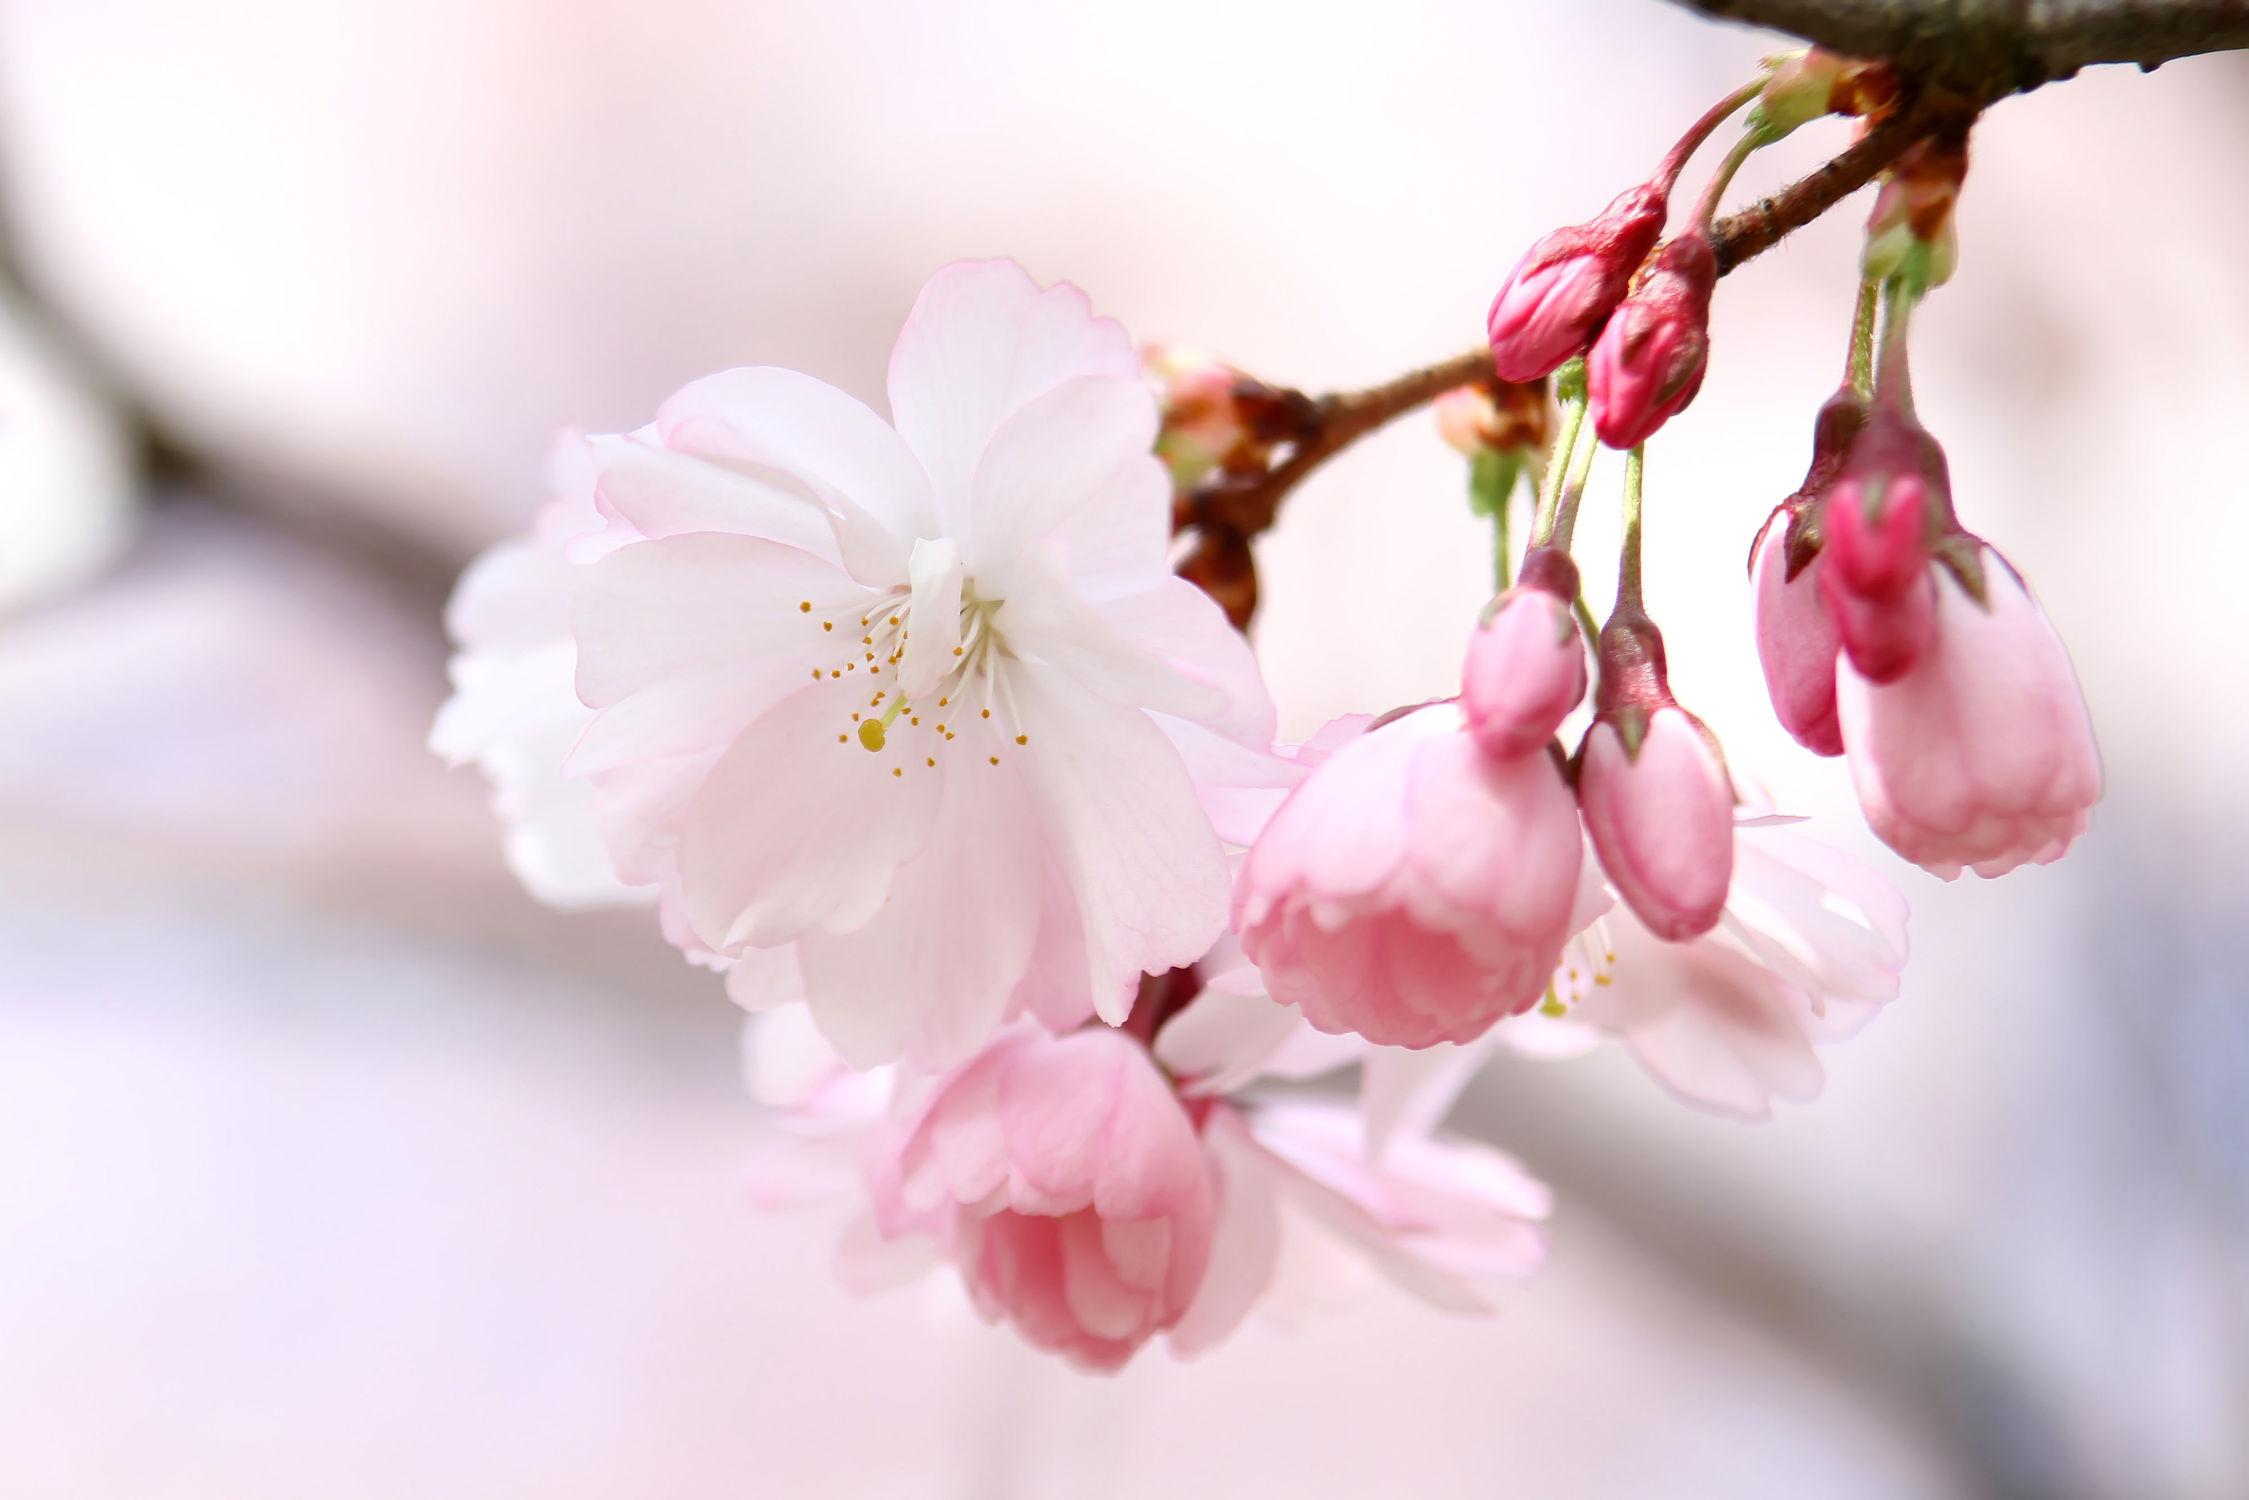 Bild mit Natur, Pflanzen, Blumen, Blumen, Blume, Pflanze, Kirschblüten, Kirsche, Wellness, Umwelt, Kirschblüte